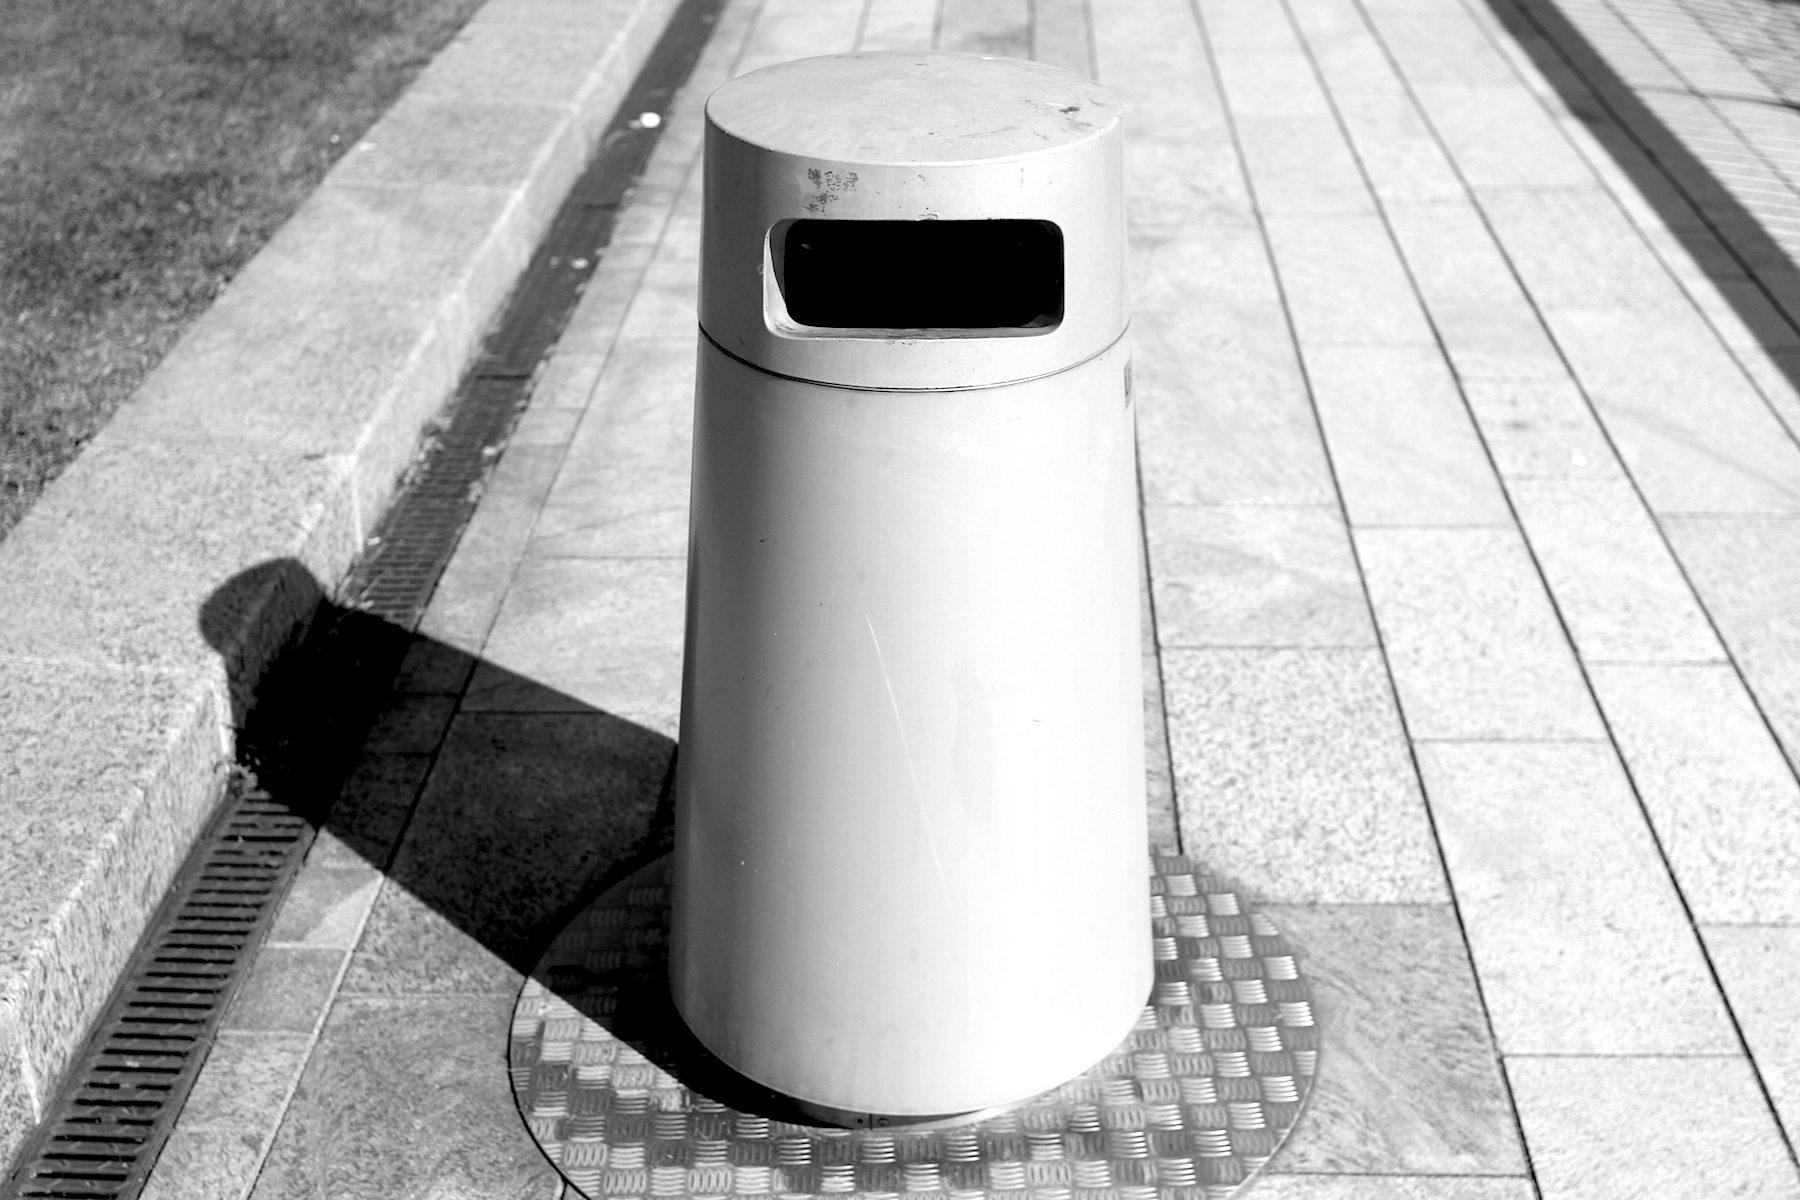 Entsorgung. Das futuristische Müllentsorgungssystem: mit Luft wird der Müll abgesaugt, an Sammelstellen gebündelt und auf Signal dann jenen Stellen abgeholt.